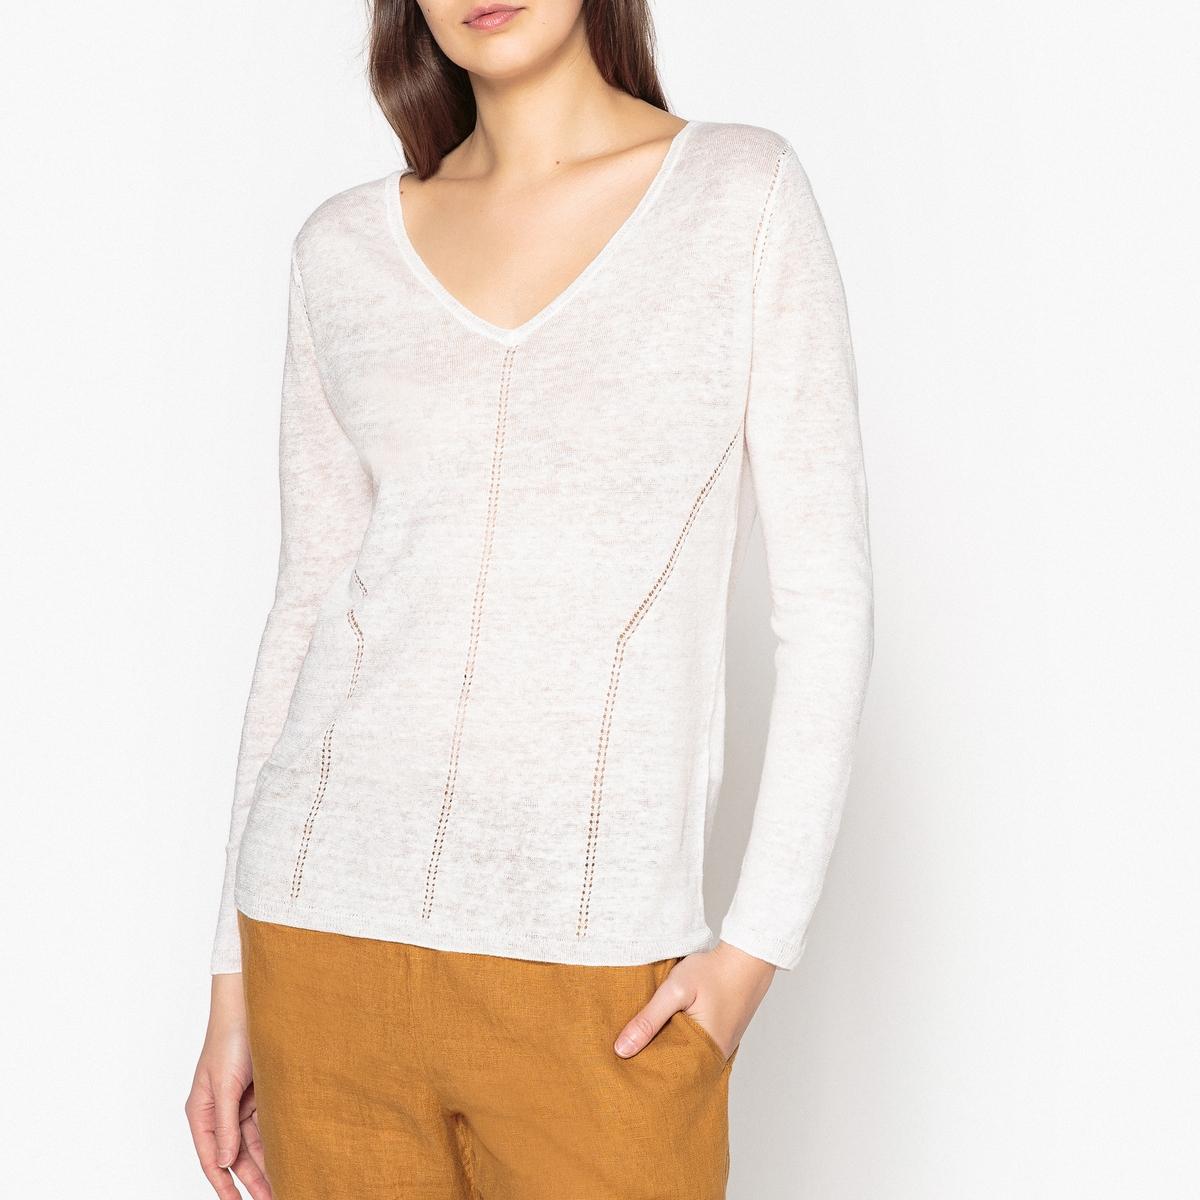 Пуловер ажурный ORANIE, 100% льна ажурный пуловер quelle ajc 787037